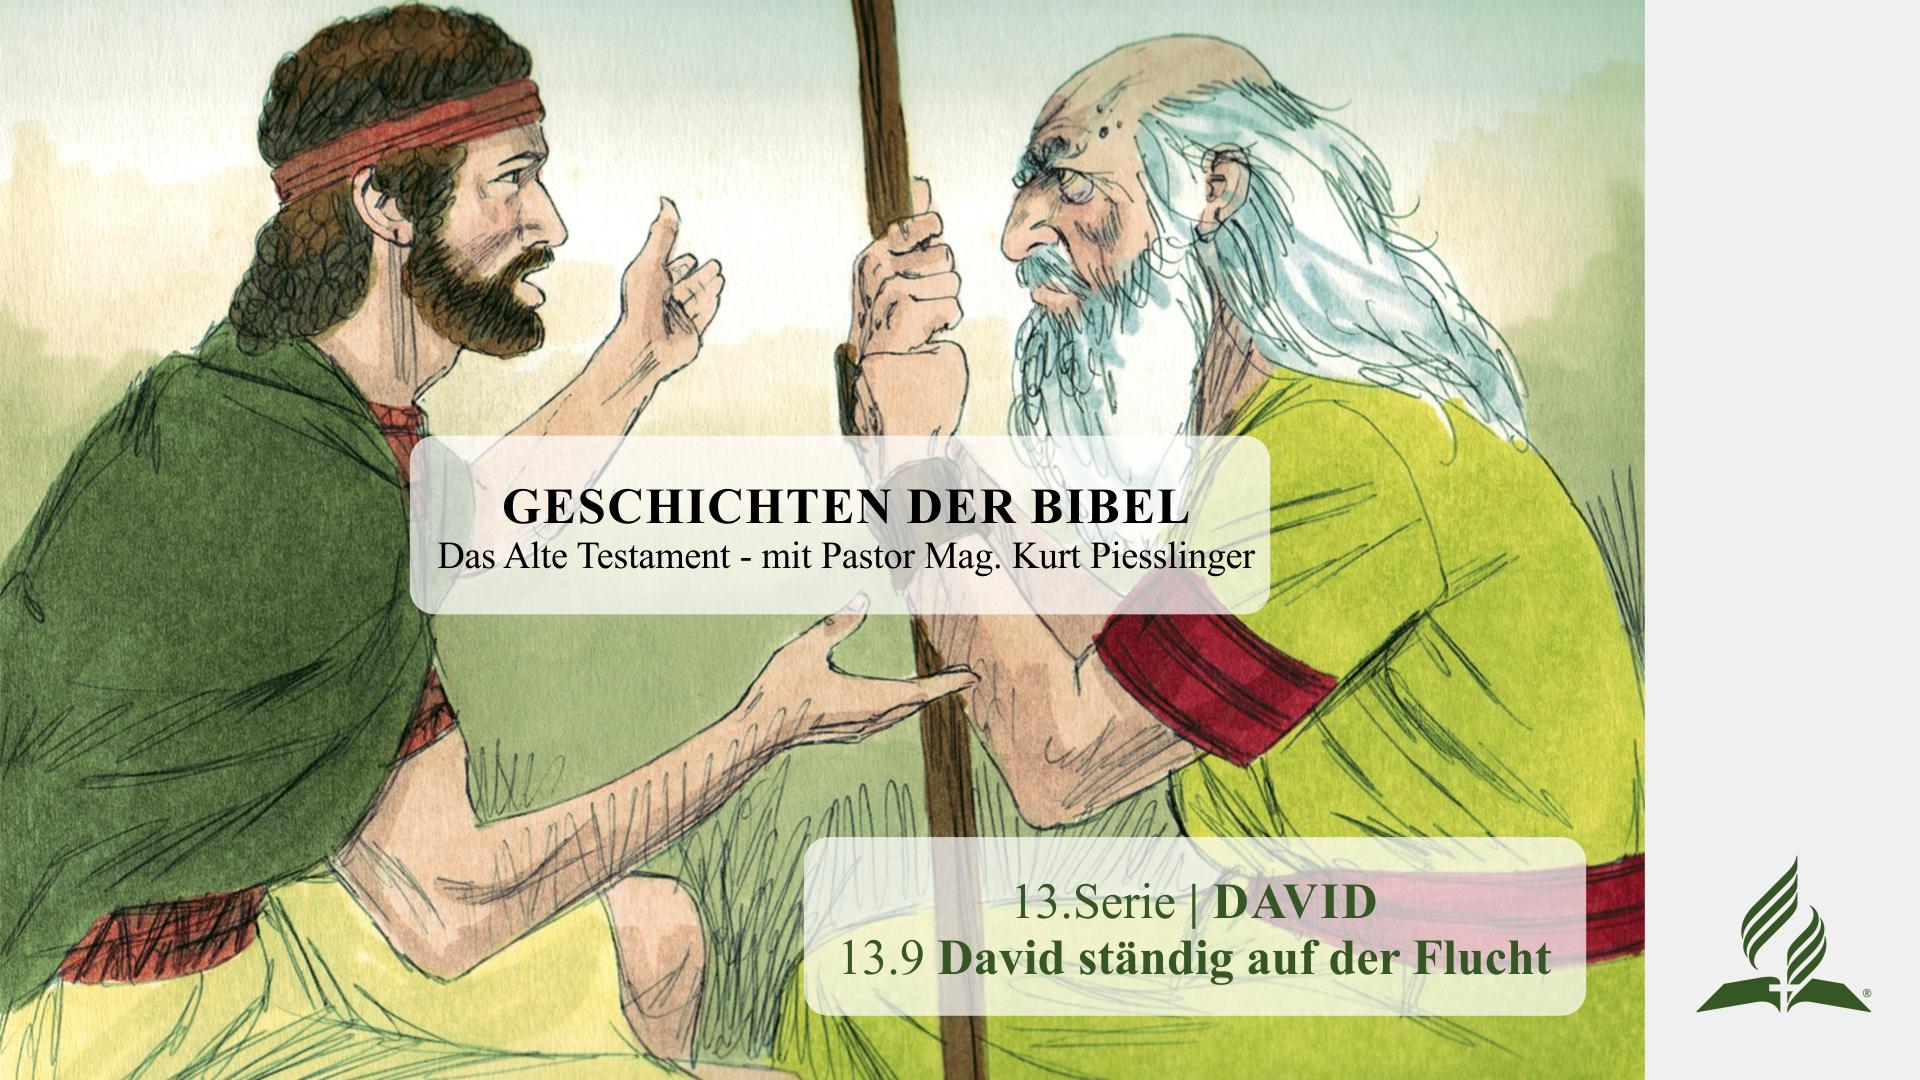 13.9 David ständig auf der Flucht x